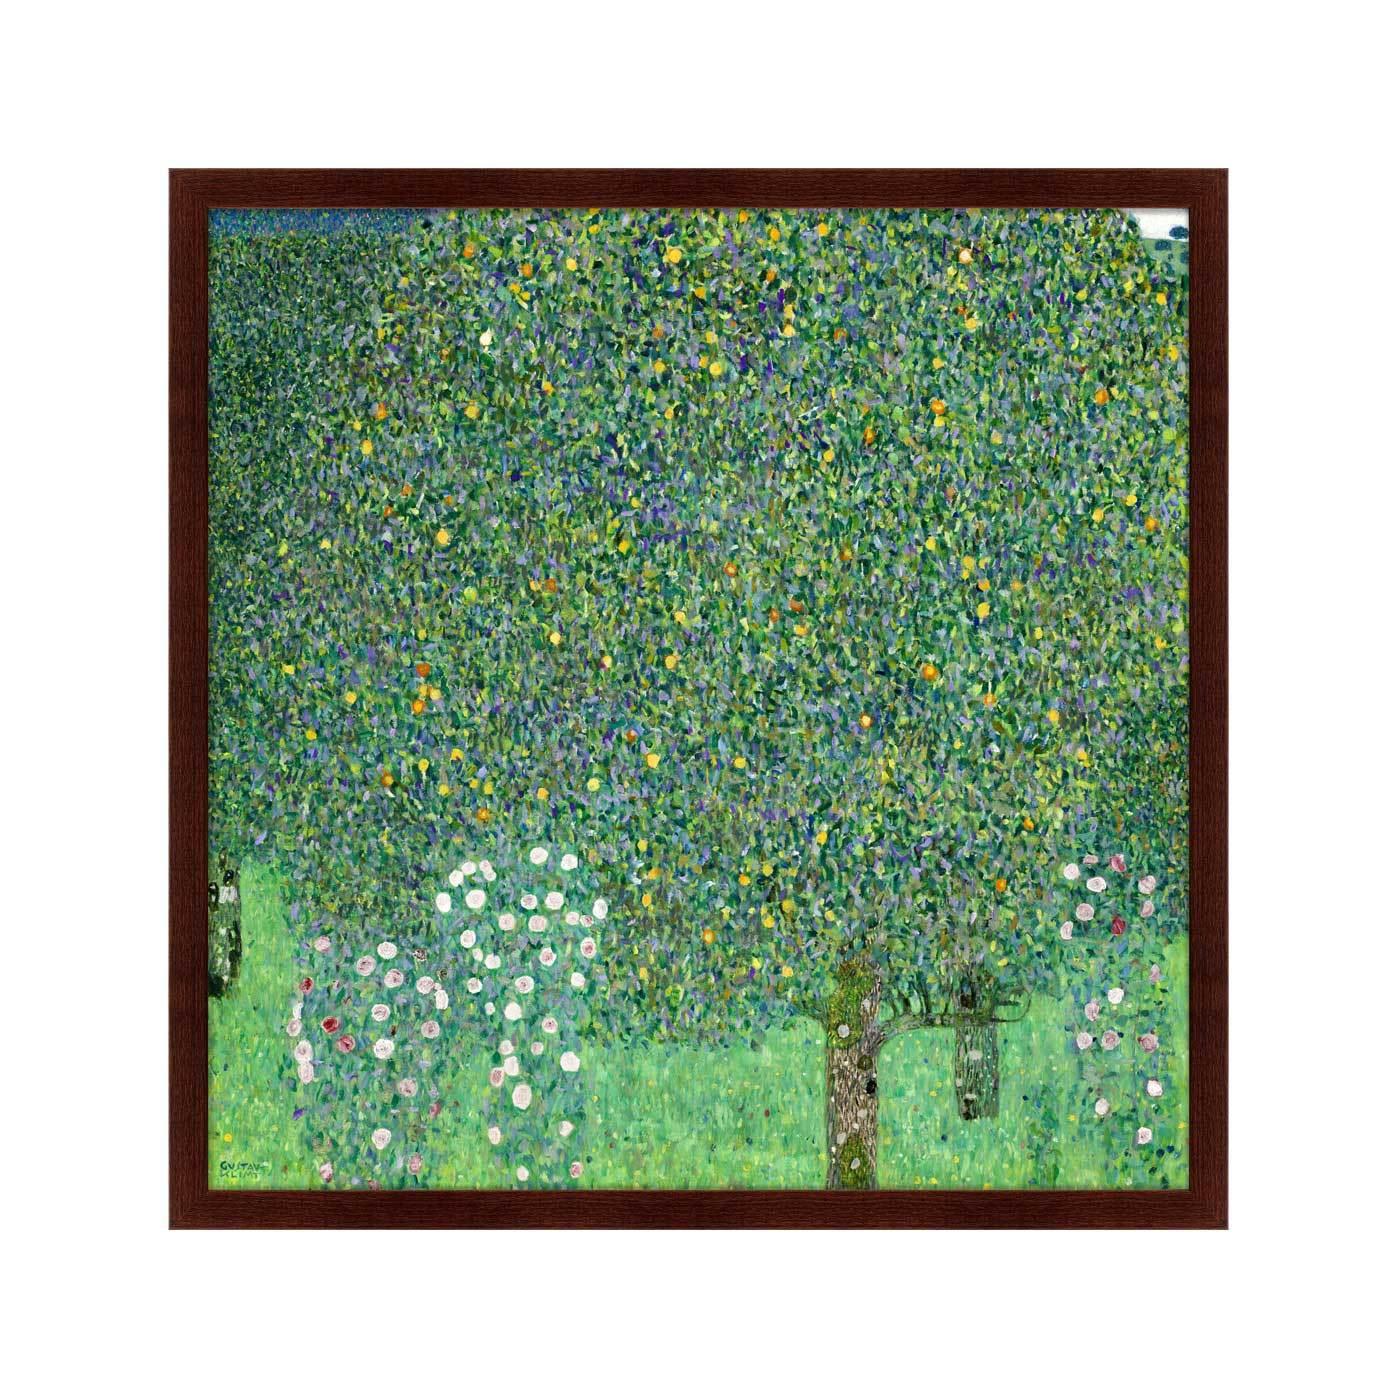 {} Картины в Квартиру Картина Розы Под Деревьями (79х79 см) картины в квартиру картина sun beams 79х79 см